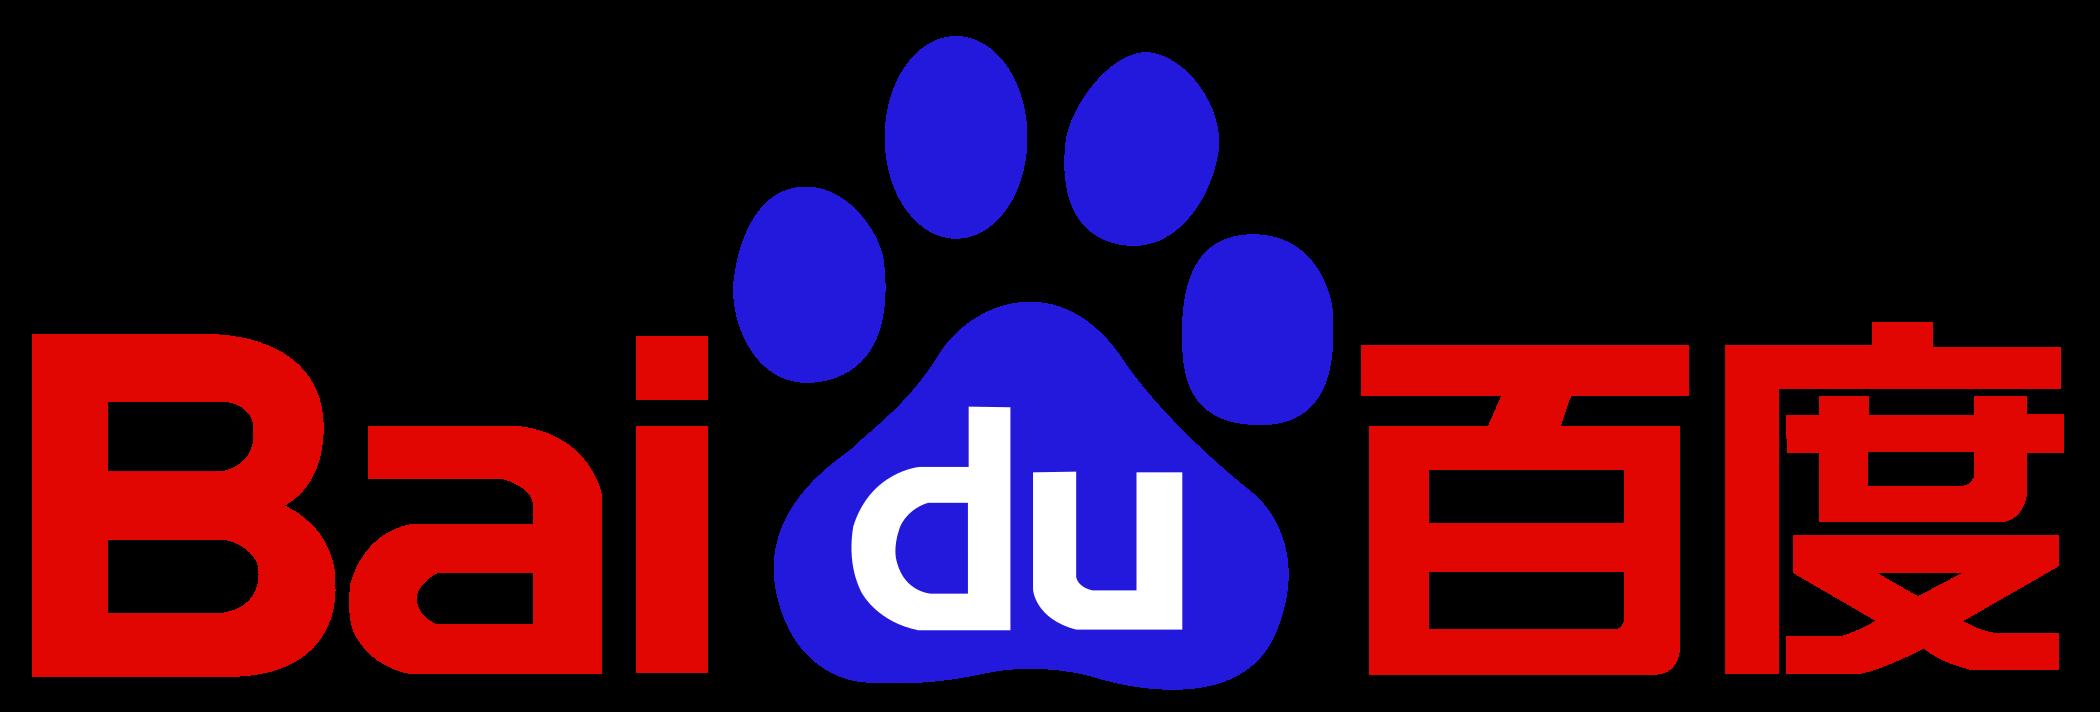 baidu logo 1 - Baidu Logo